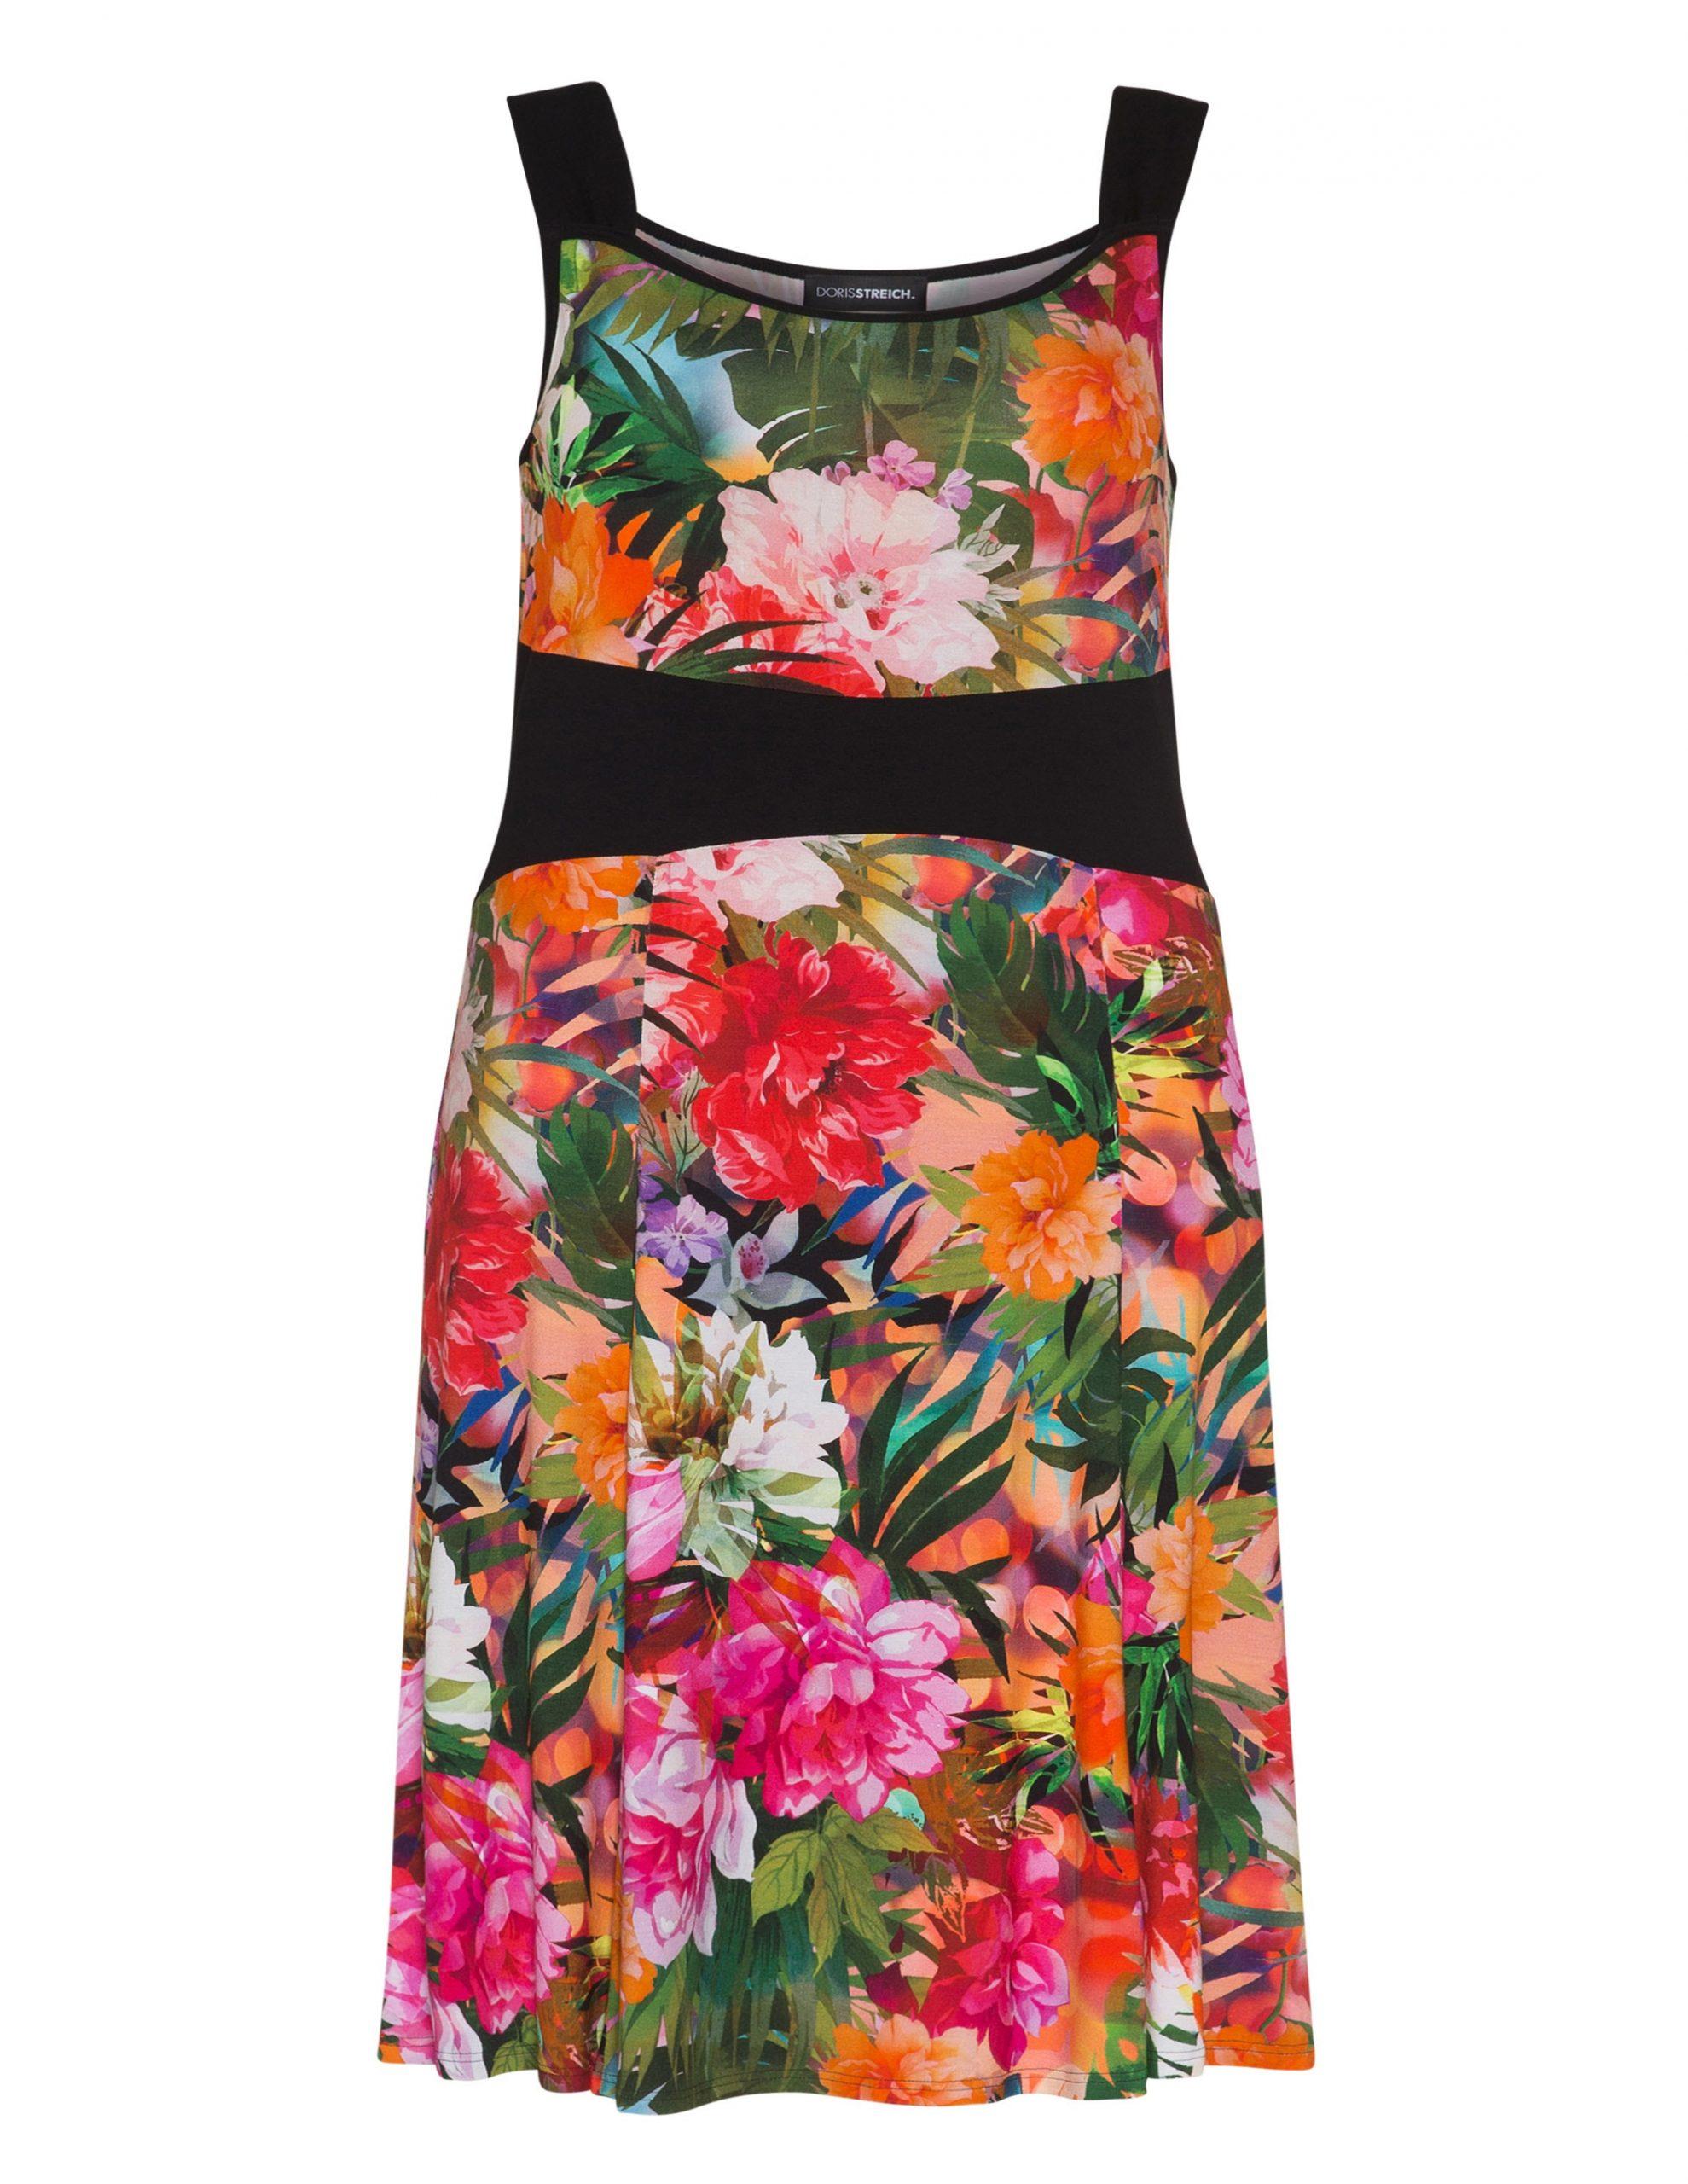 17 Einzigartig Sommerkleider Größe 52 Bester PreisFormal Genial Sommerkleider Größe 52 für 2019